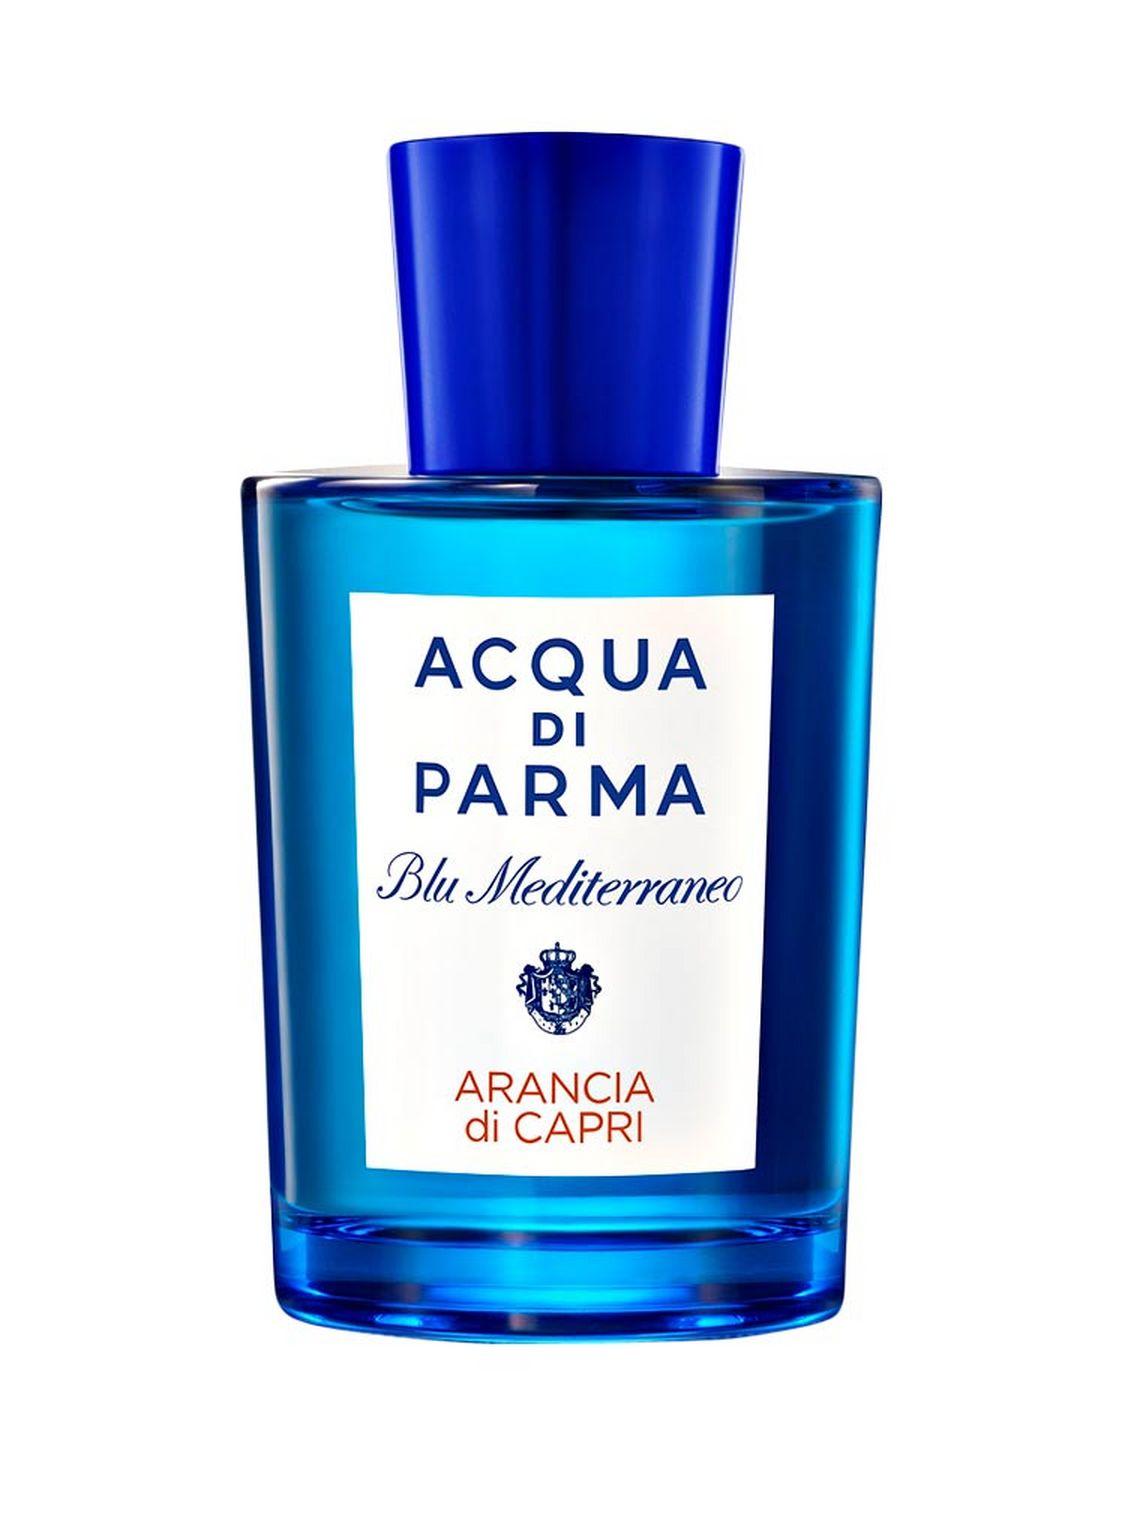 Image of Acqua Di Parma Arancia Di Capri 30 ml